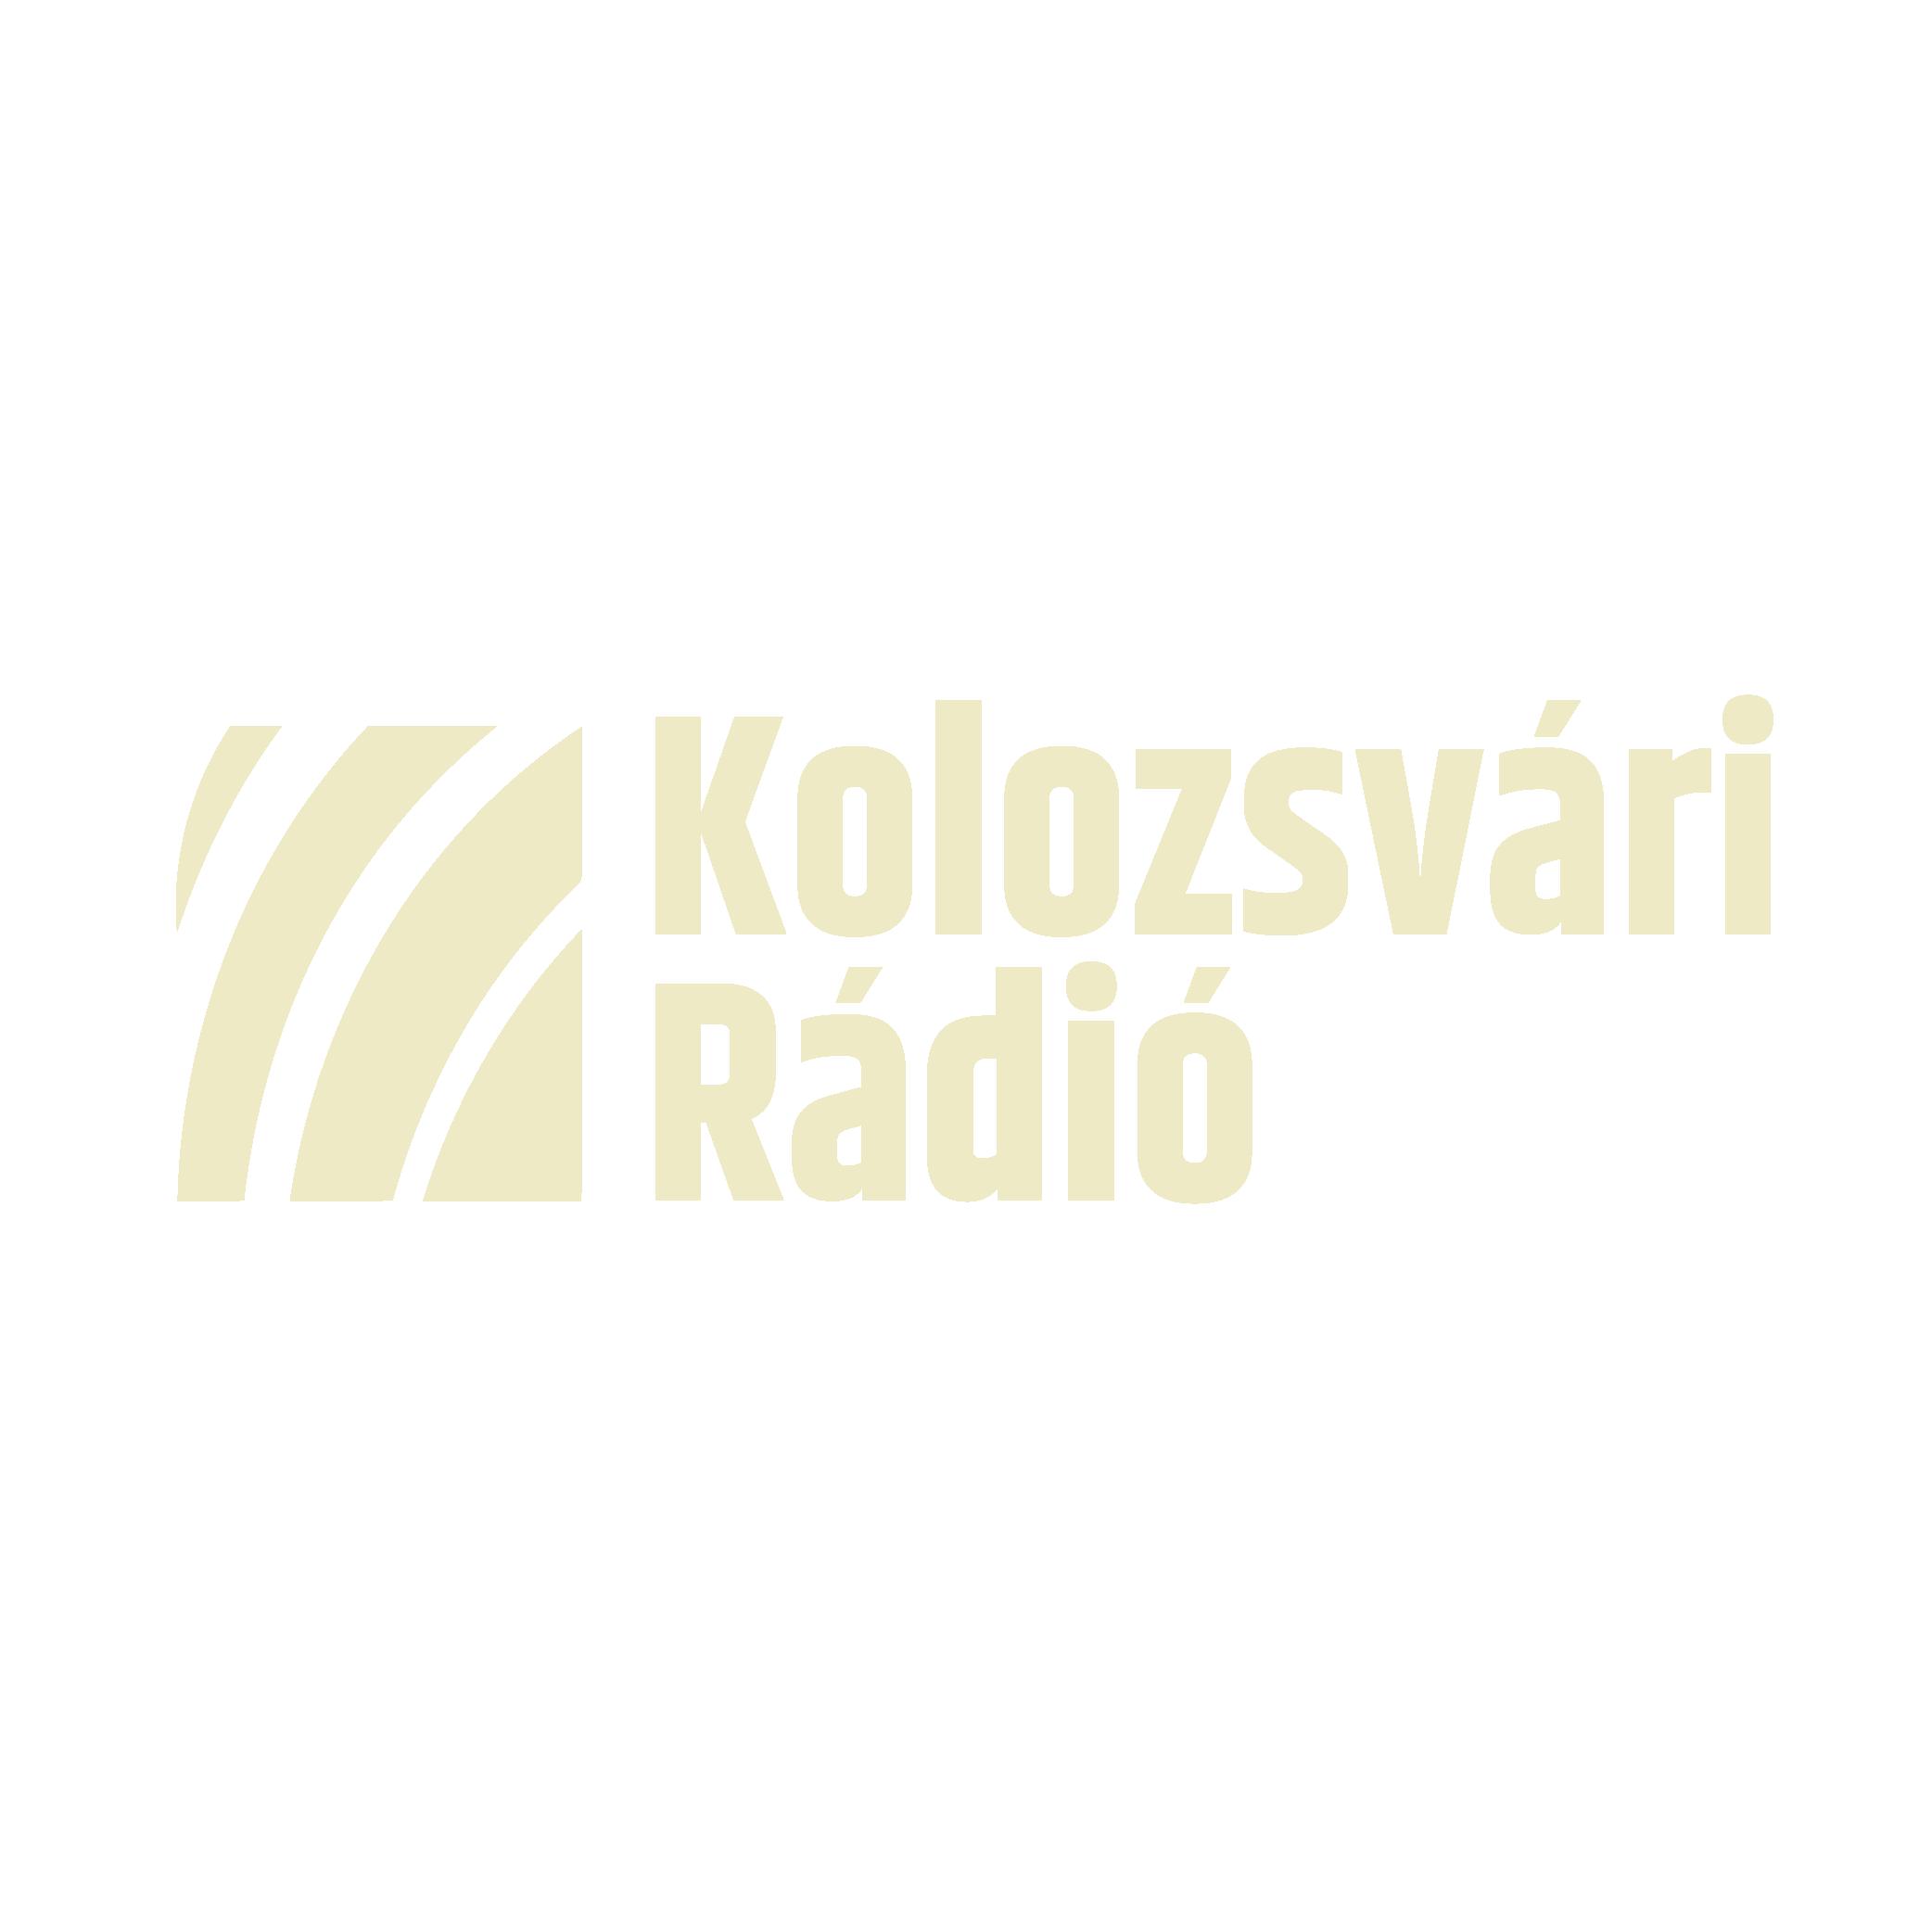 kv radio